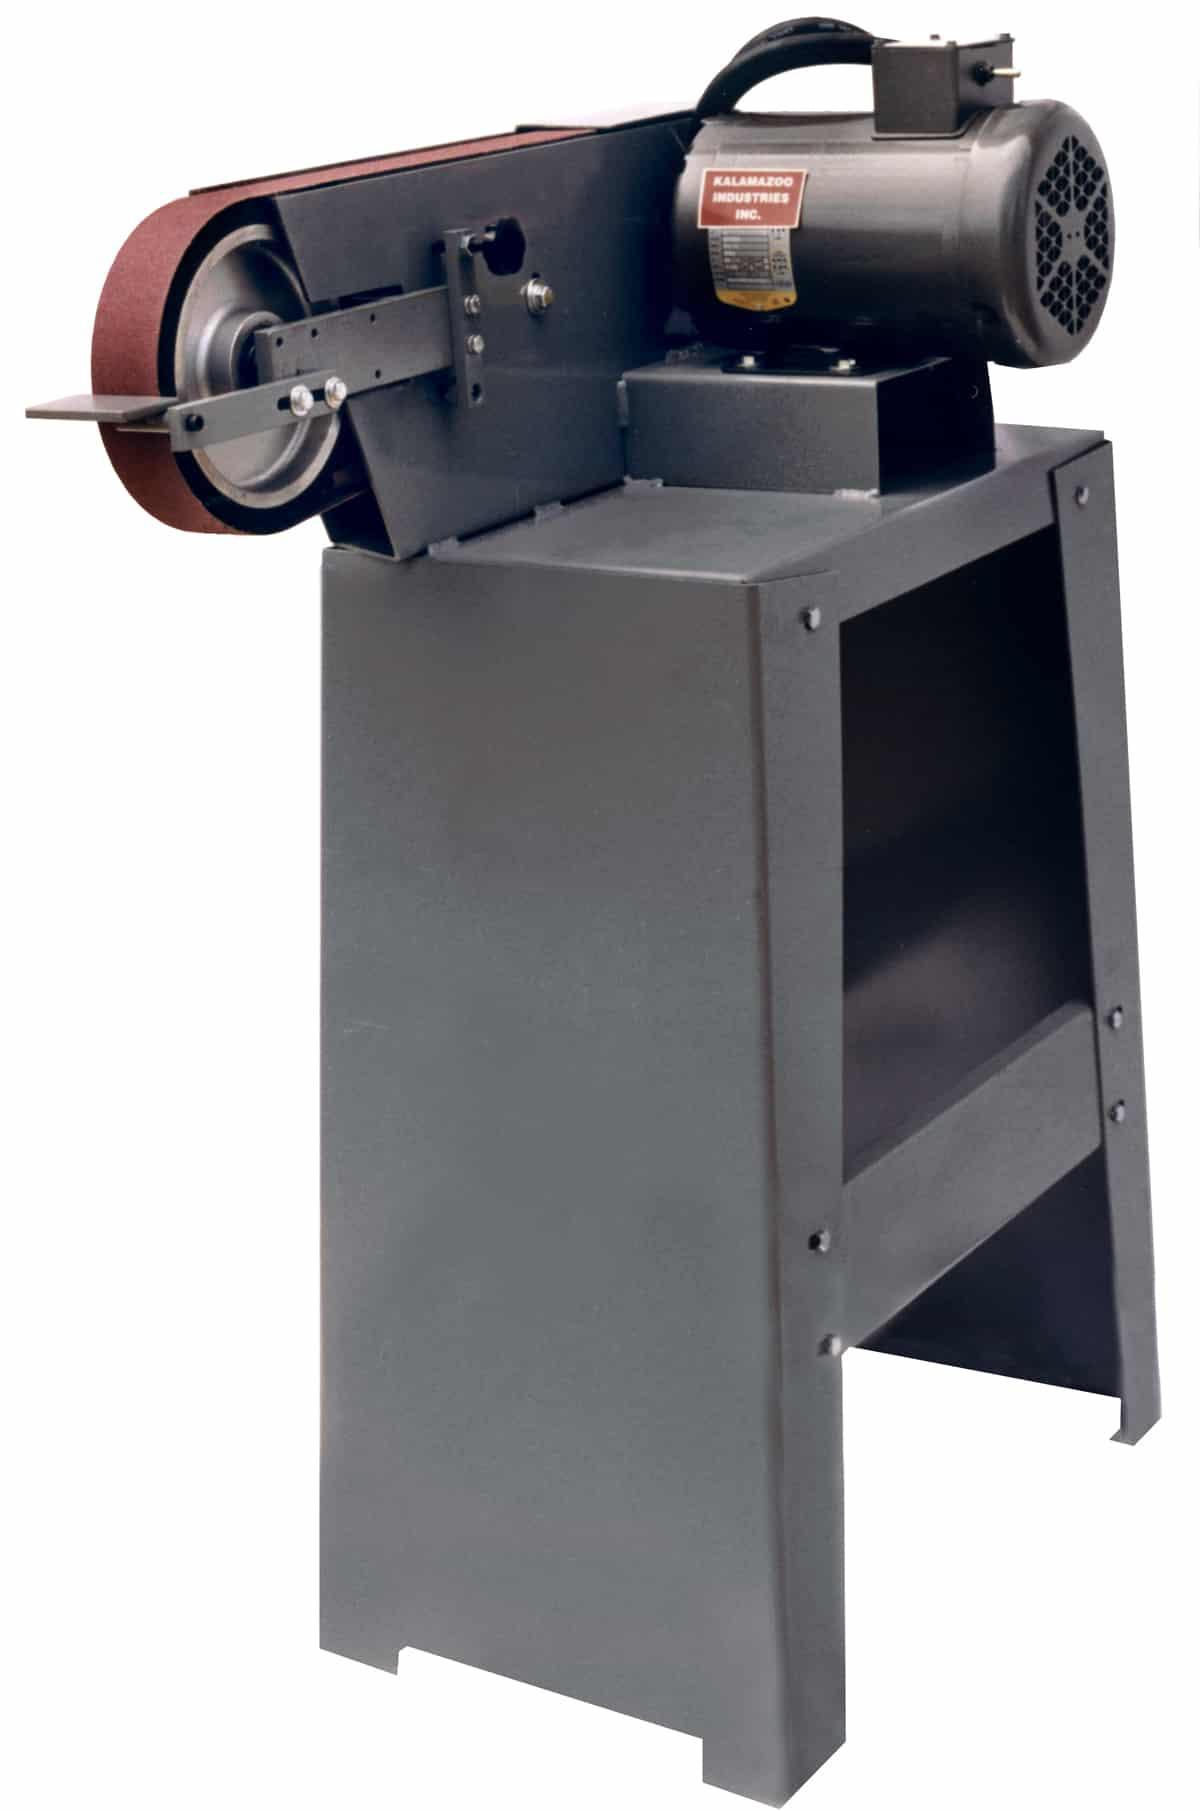 BG260HS 2 x 60 inch belt grinder shown with stand